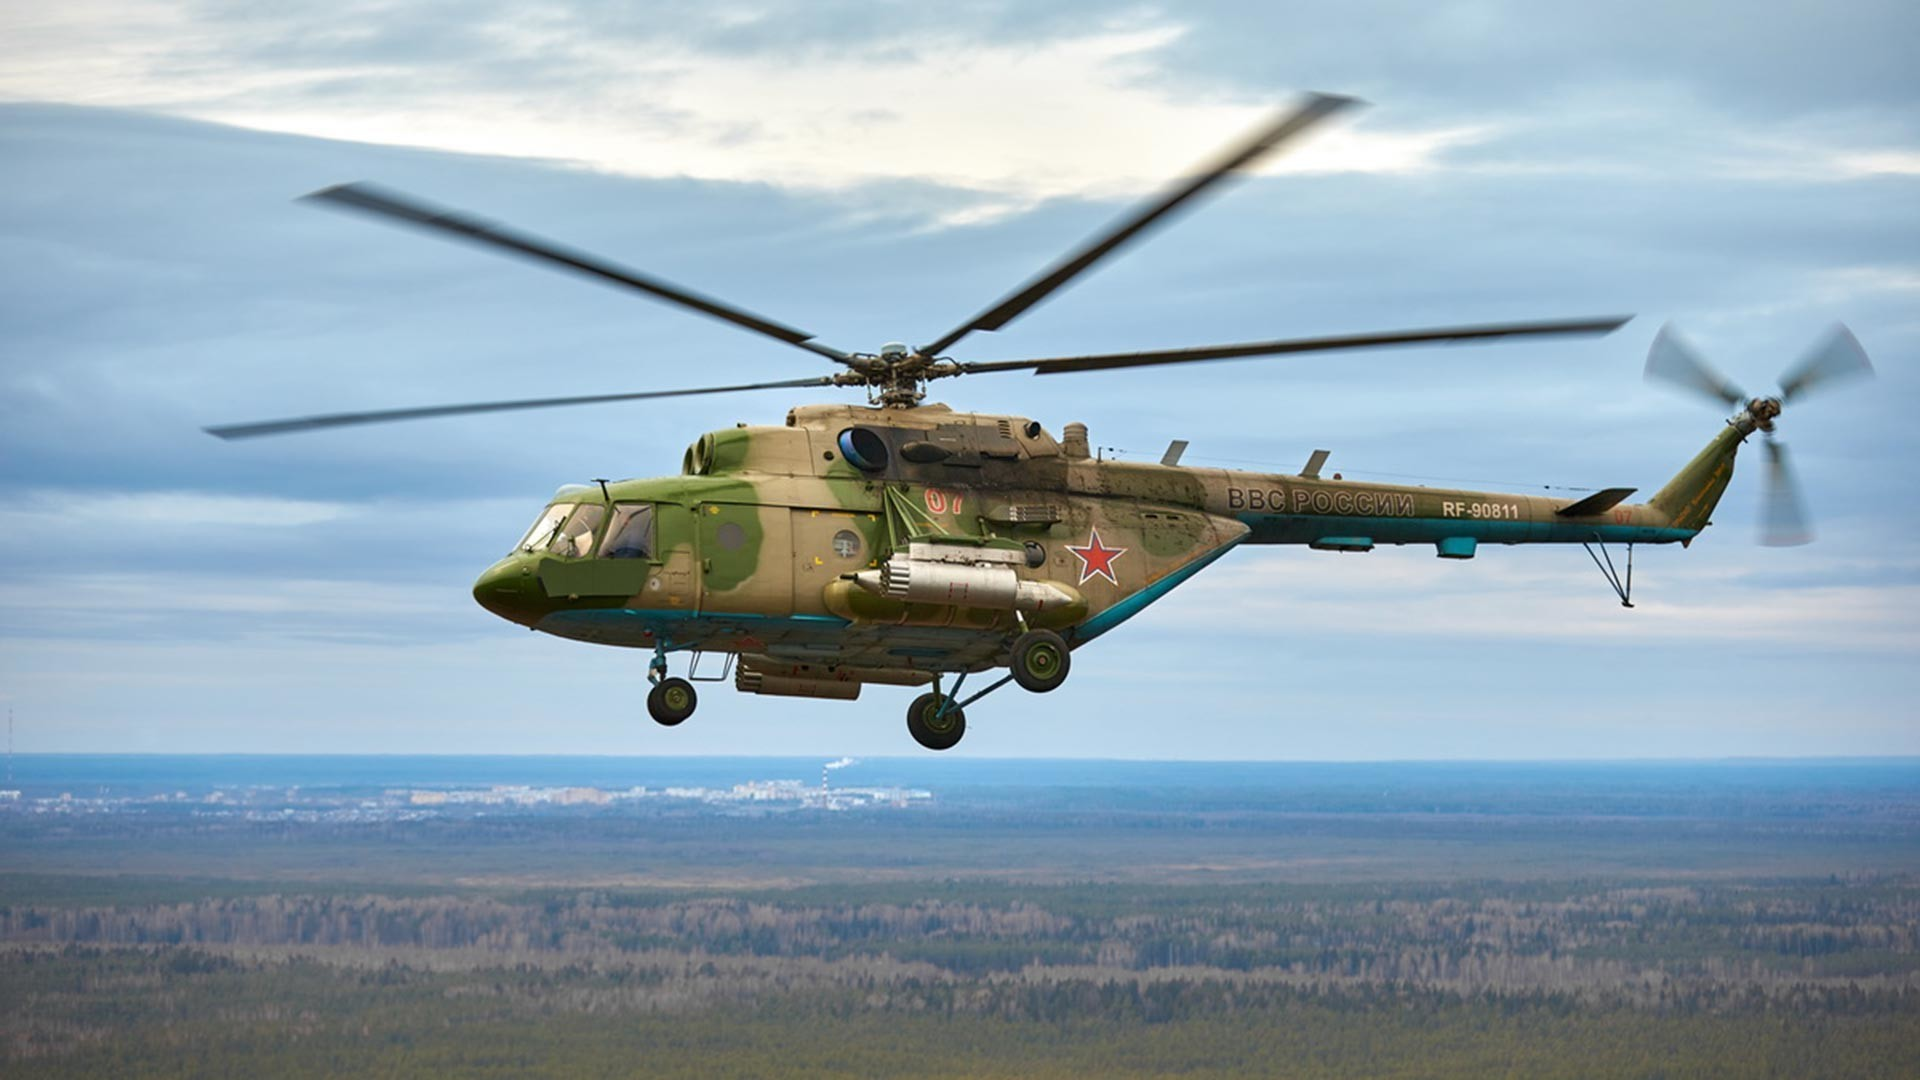 """Ми-8 на една од етапите на меѓународното воено натпреварување """"Авиадартс-2020""""."""